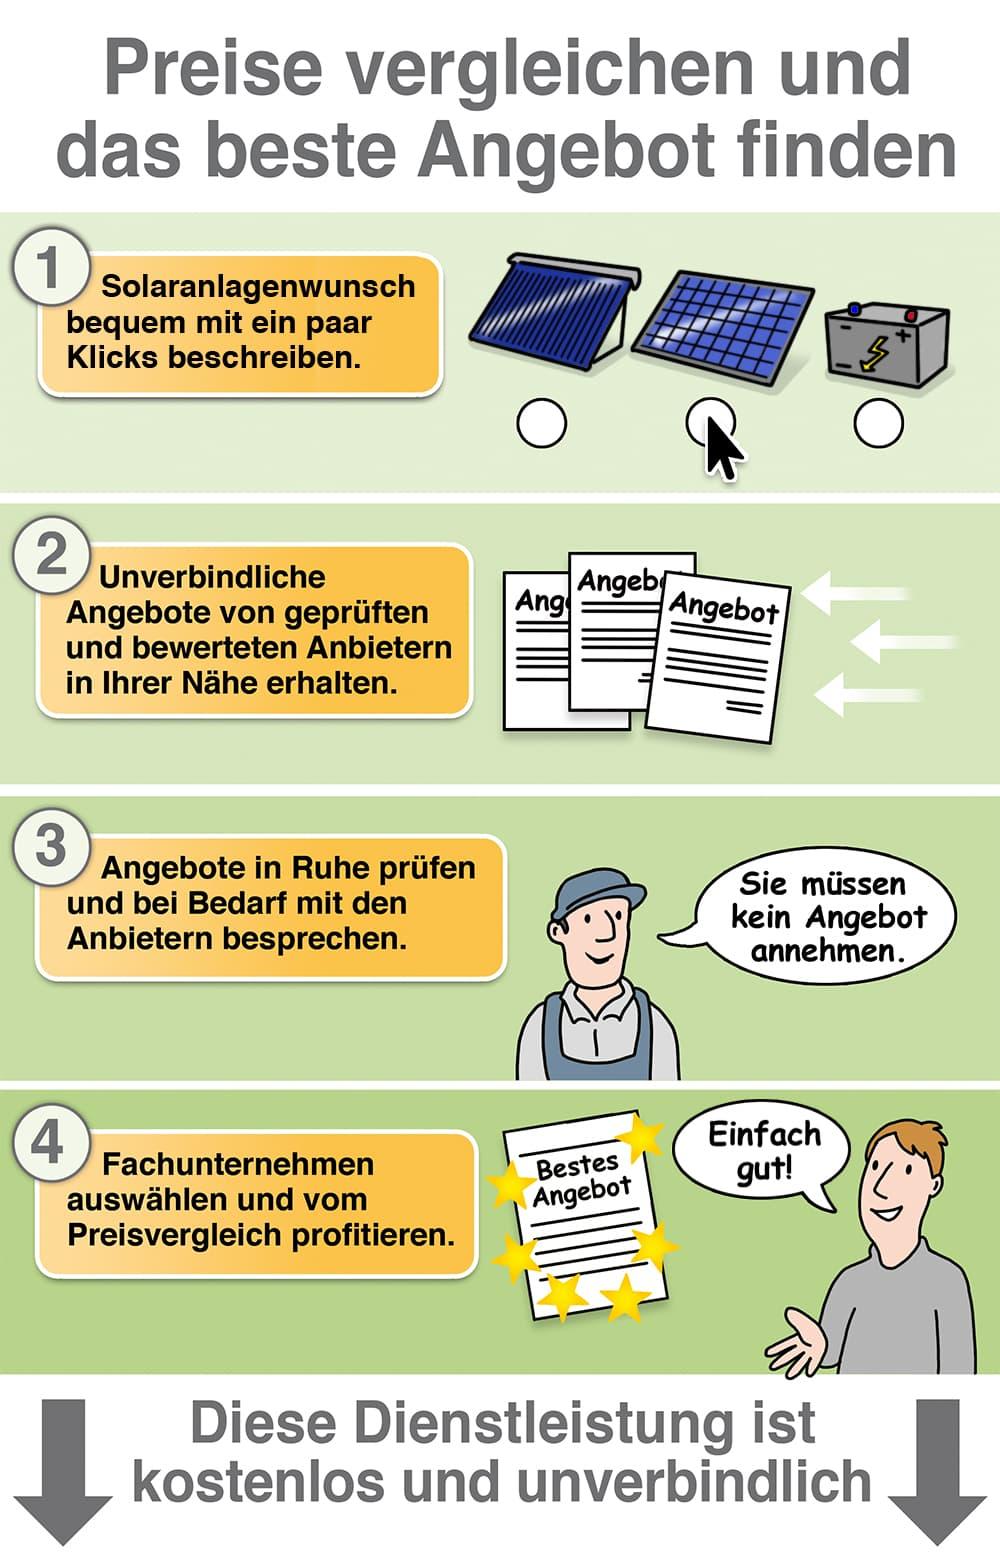 Solar Angebote und Preise vergleichen